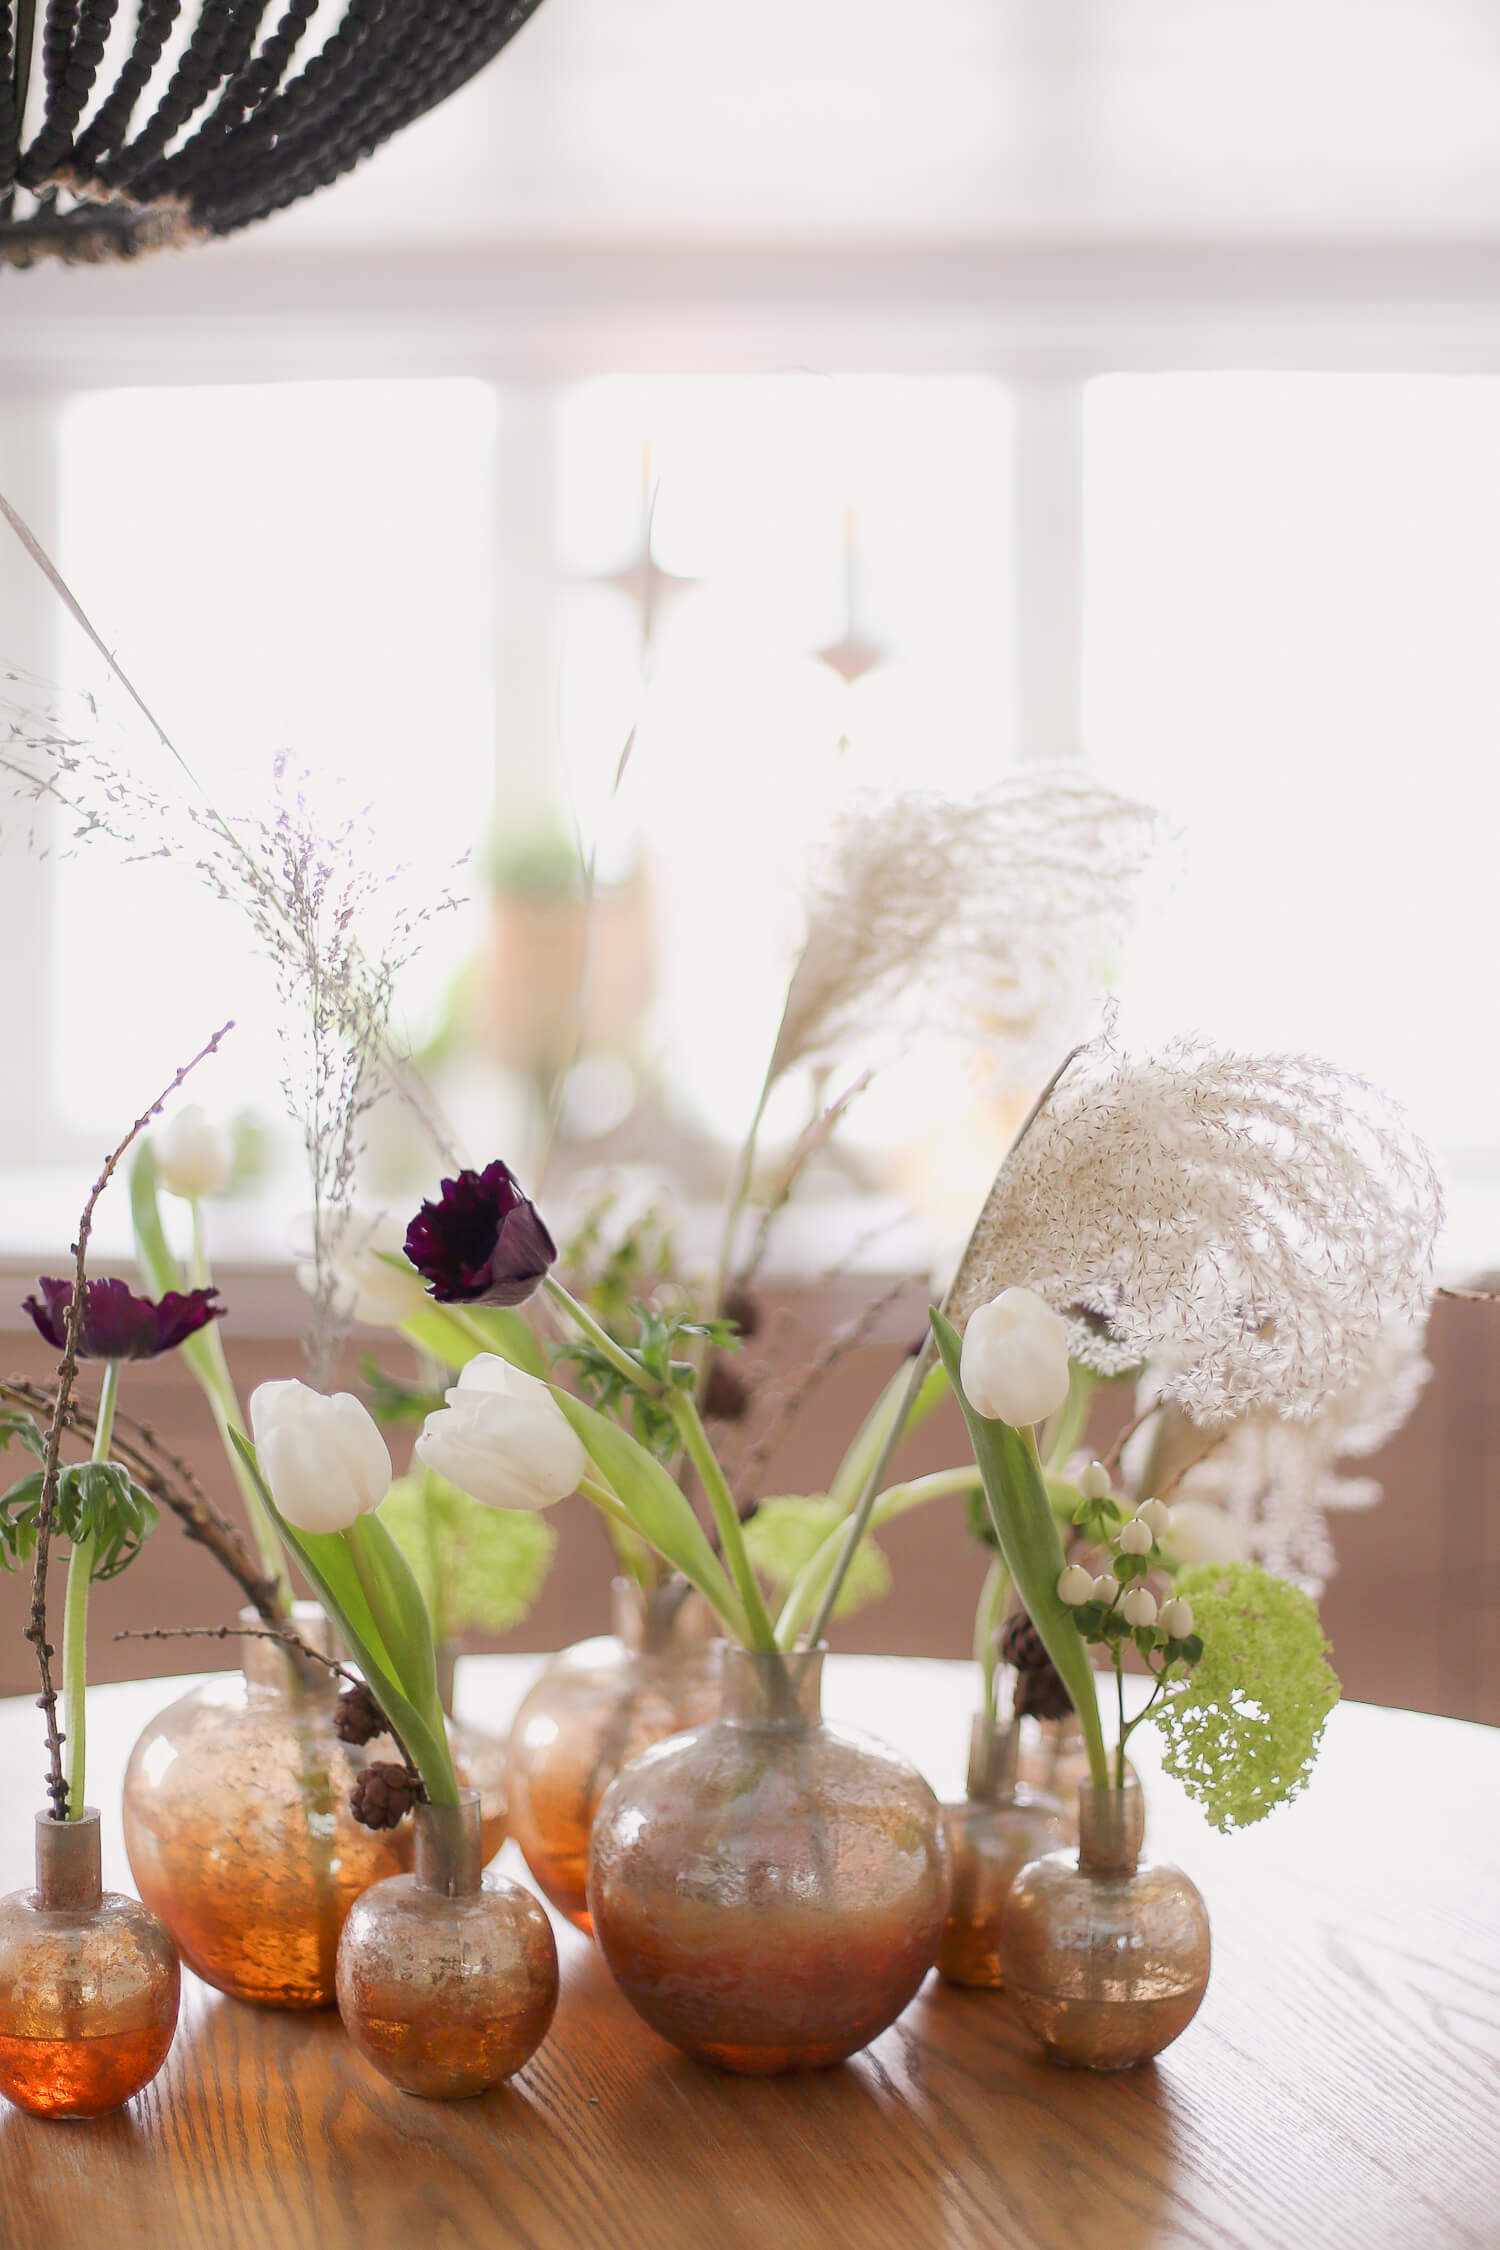 Pöydälle on koottu erilaisia maljakoita kukkakimpulle